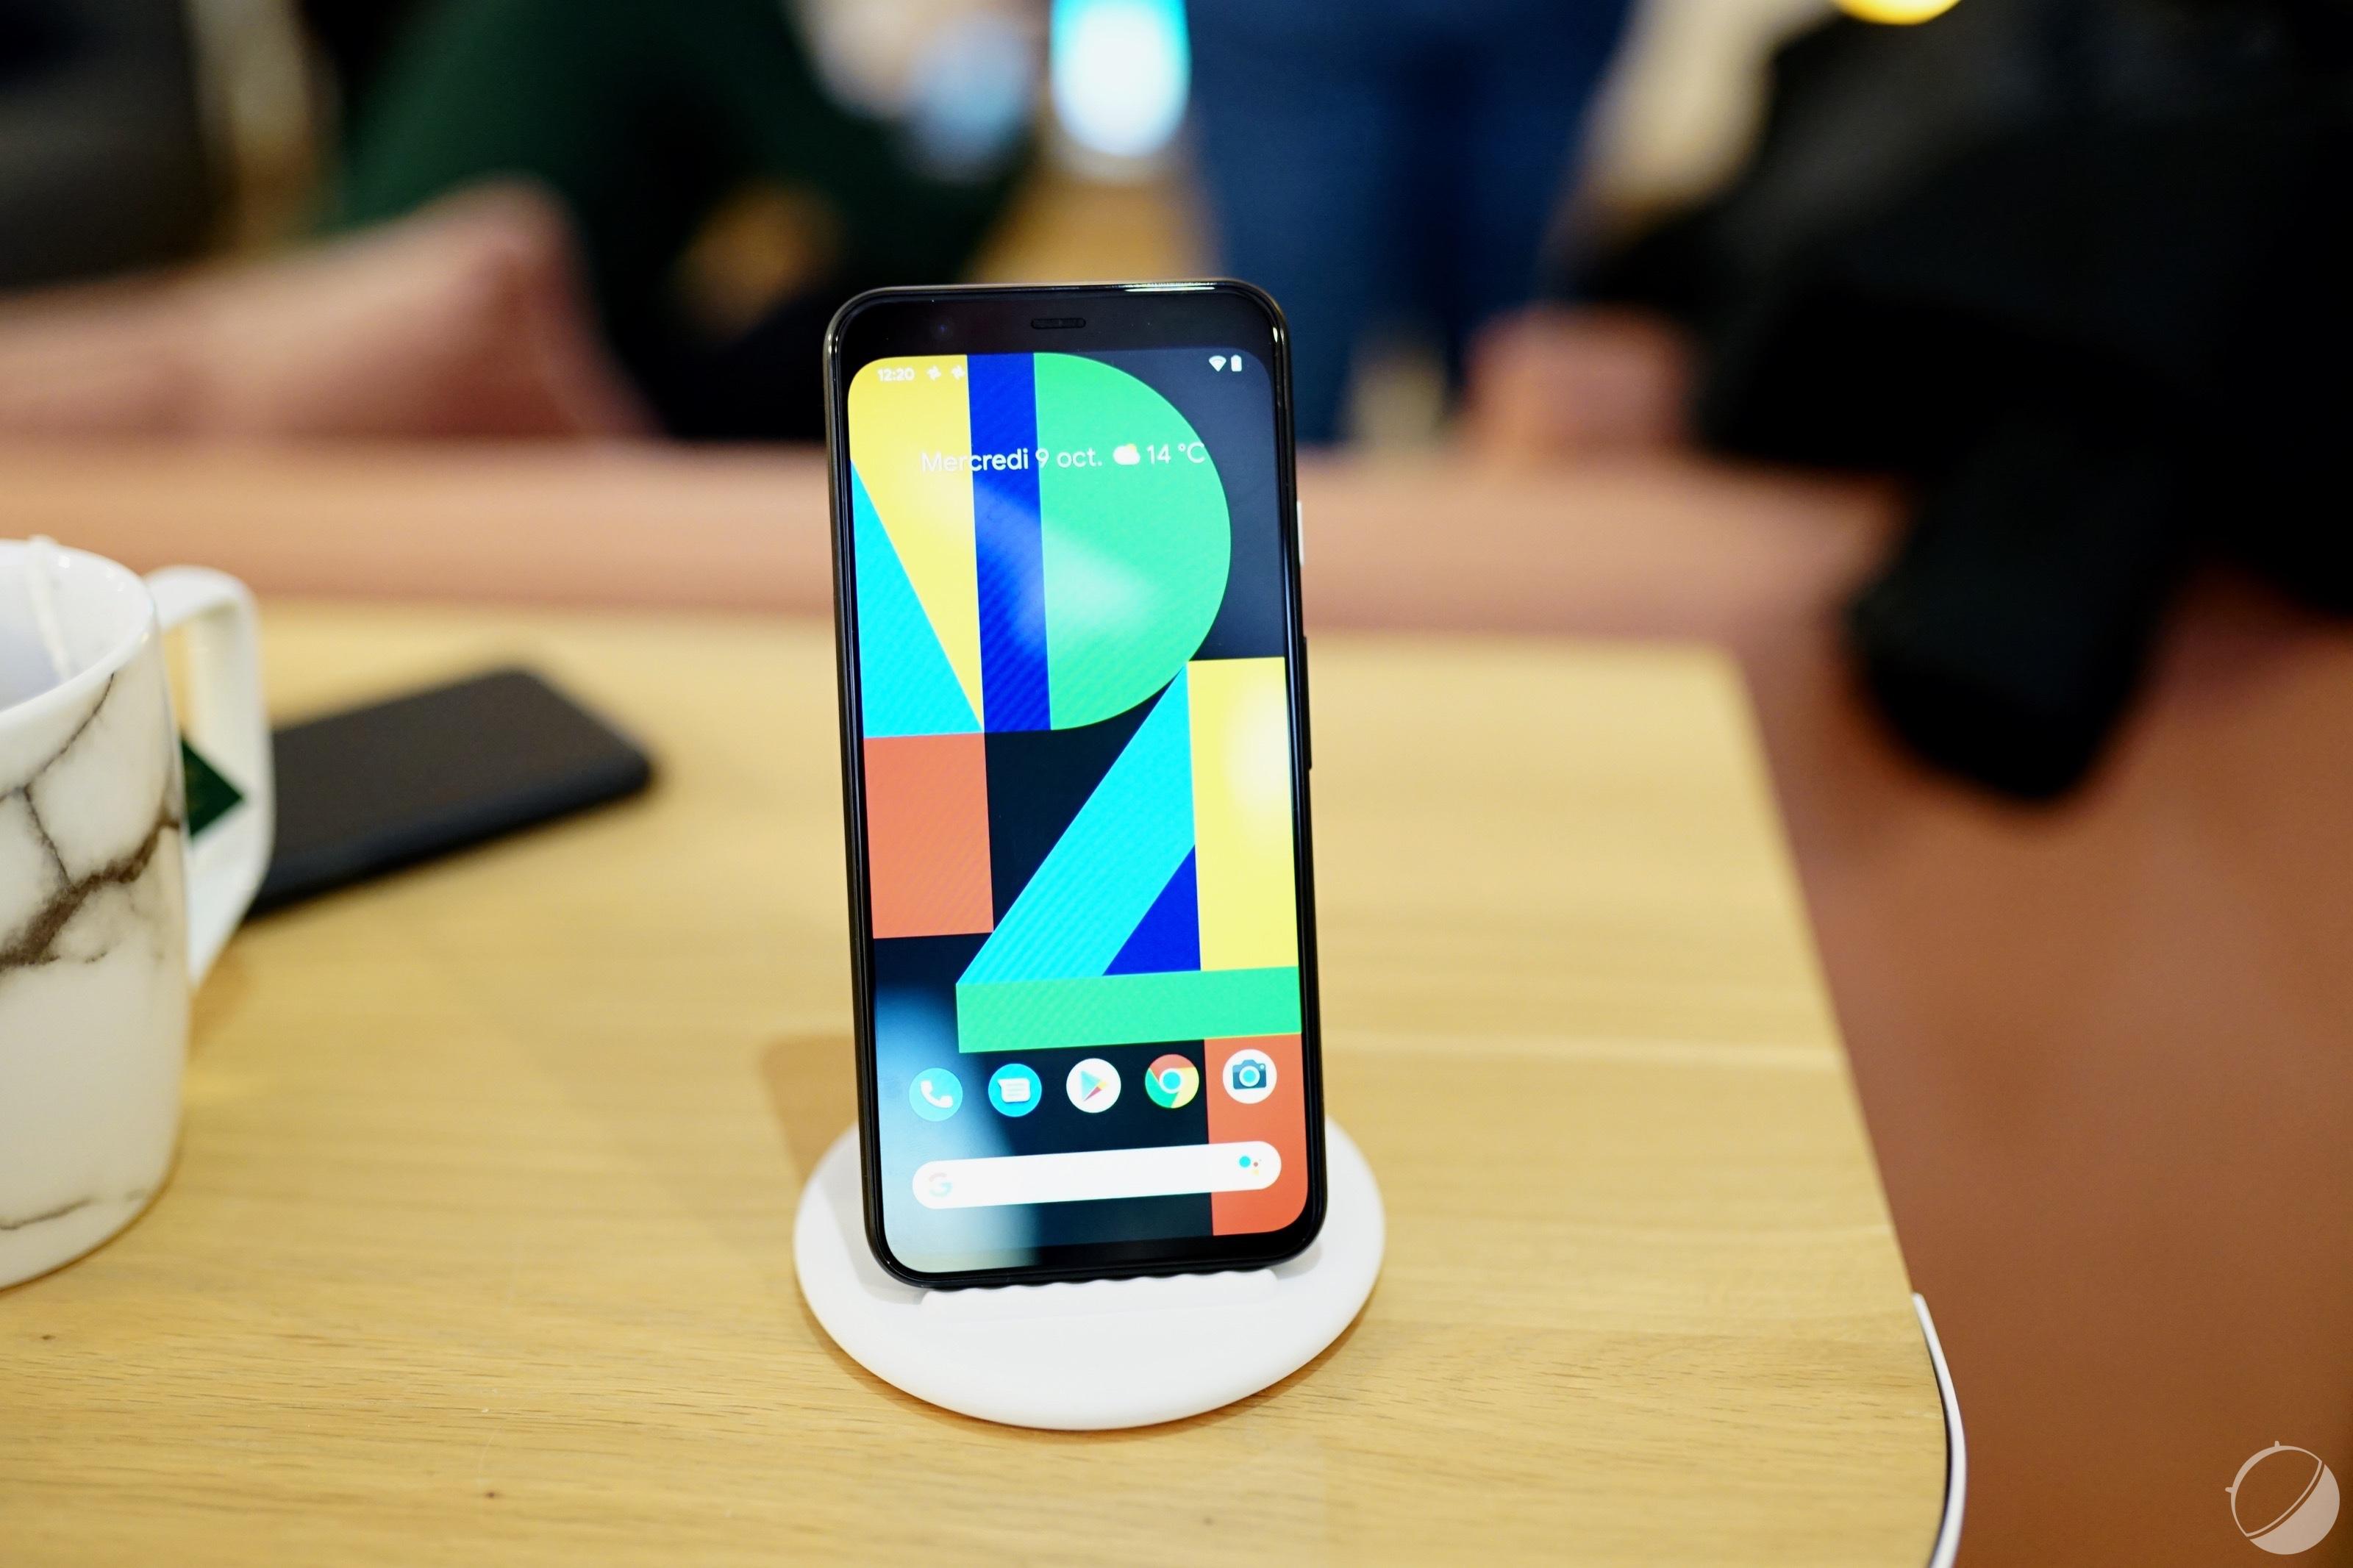 3 actualités qui ont marqué la semaine : Pixel 4 officialisés, 4G+ 440 Mbits/s chez Free et Analogue Pocket